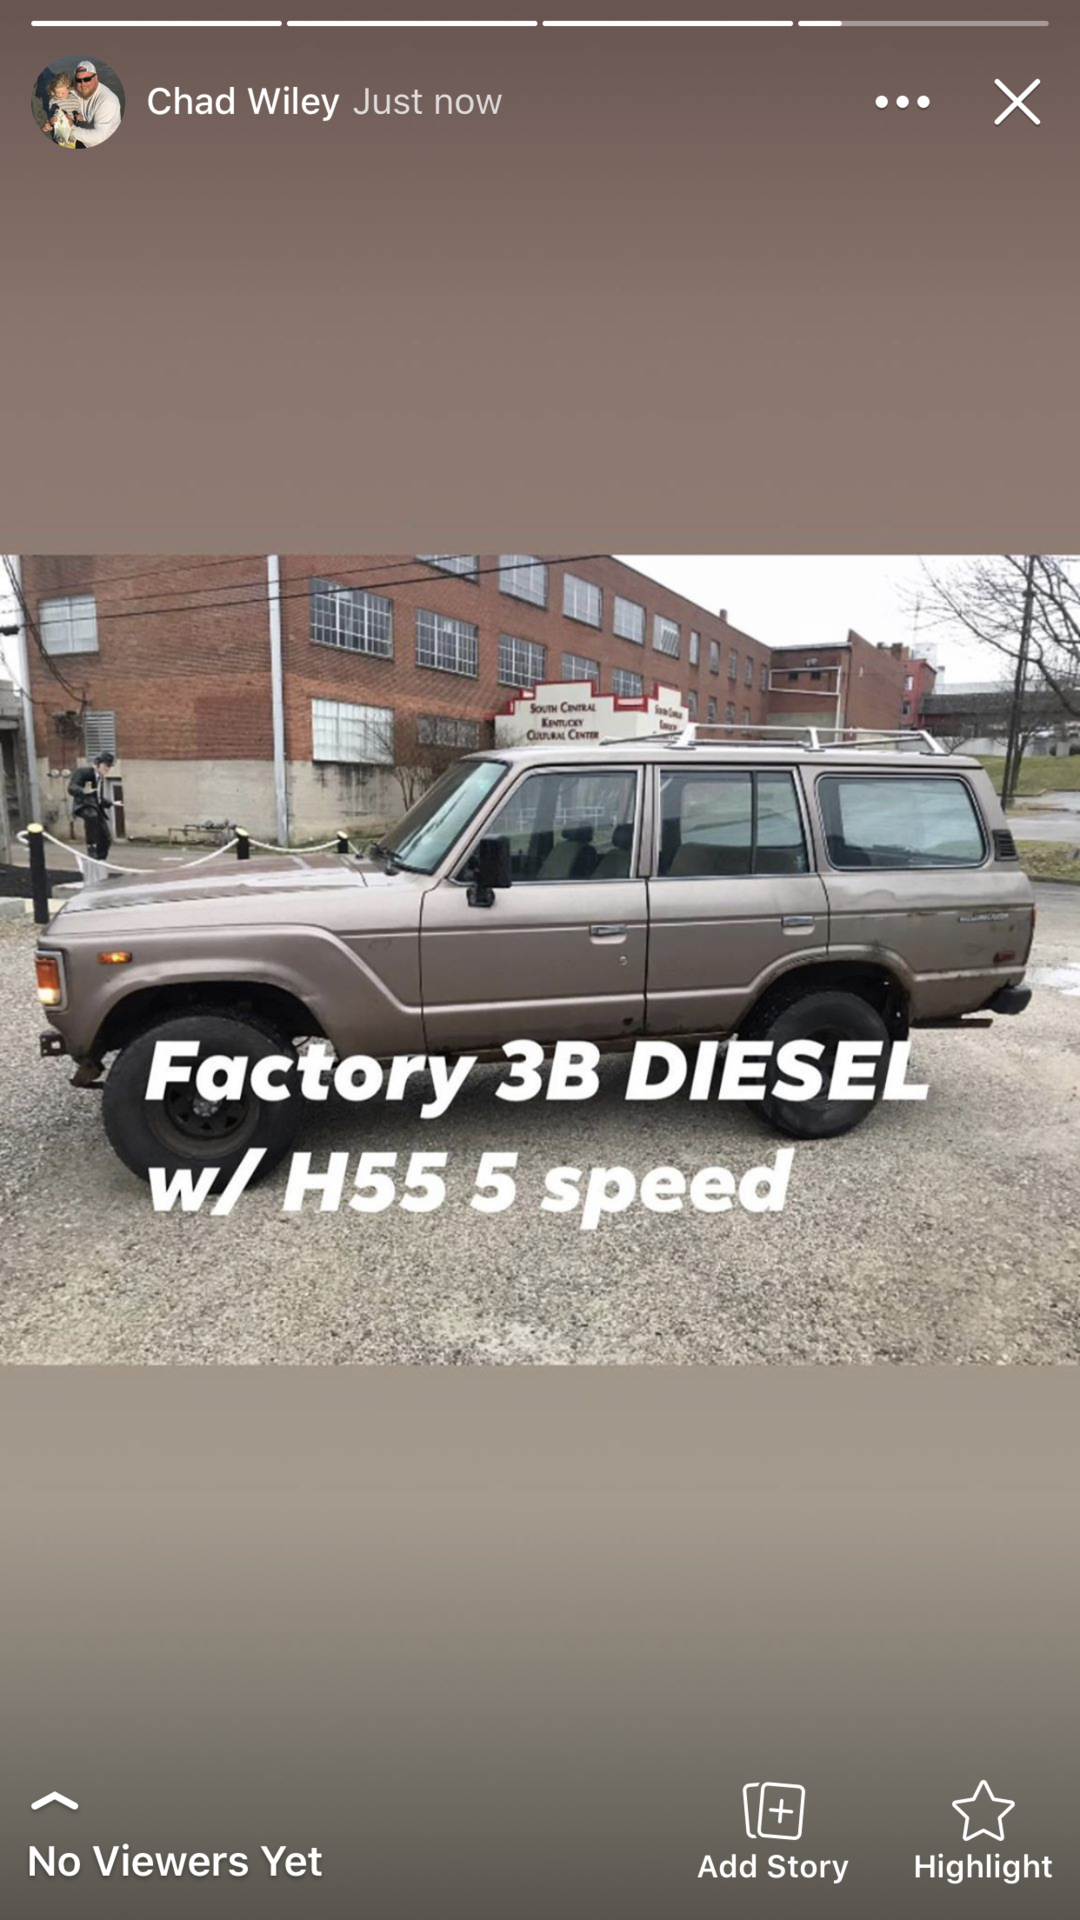 7799B7FA-5AEF-4FD6-95D5-31084235DA9E.png